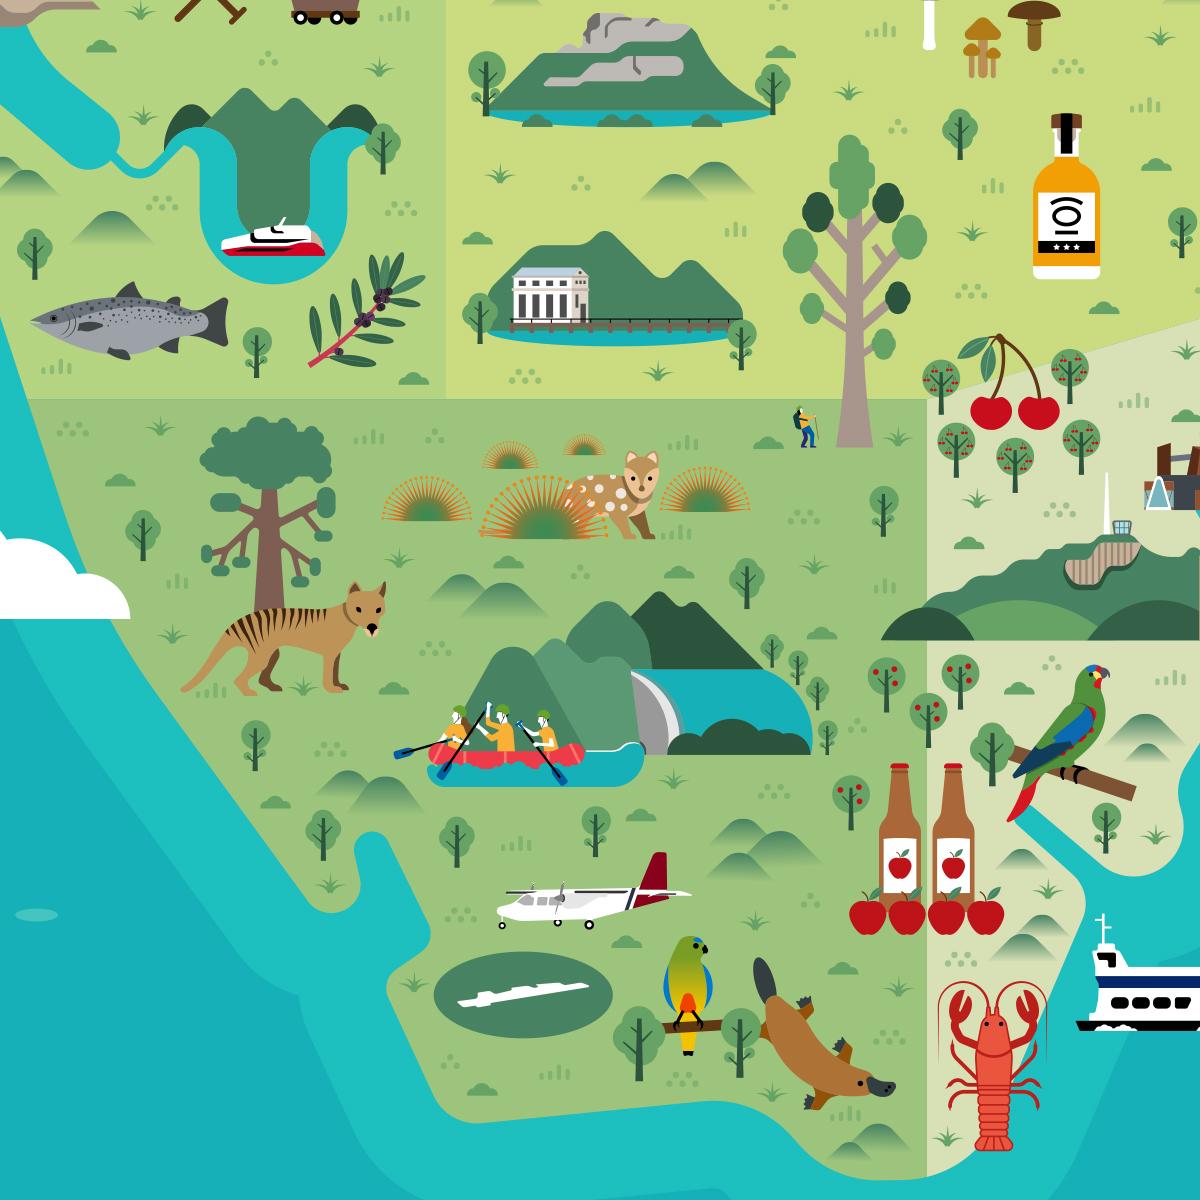 Tasmania illustrated map thumbnail